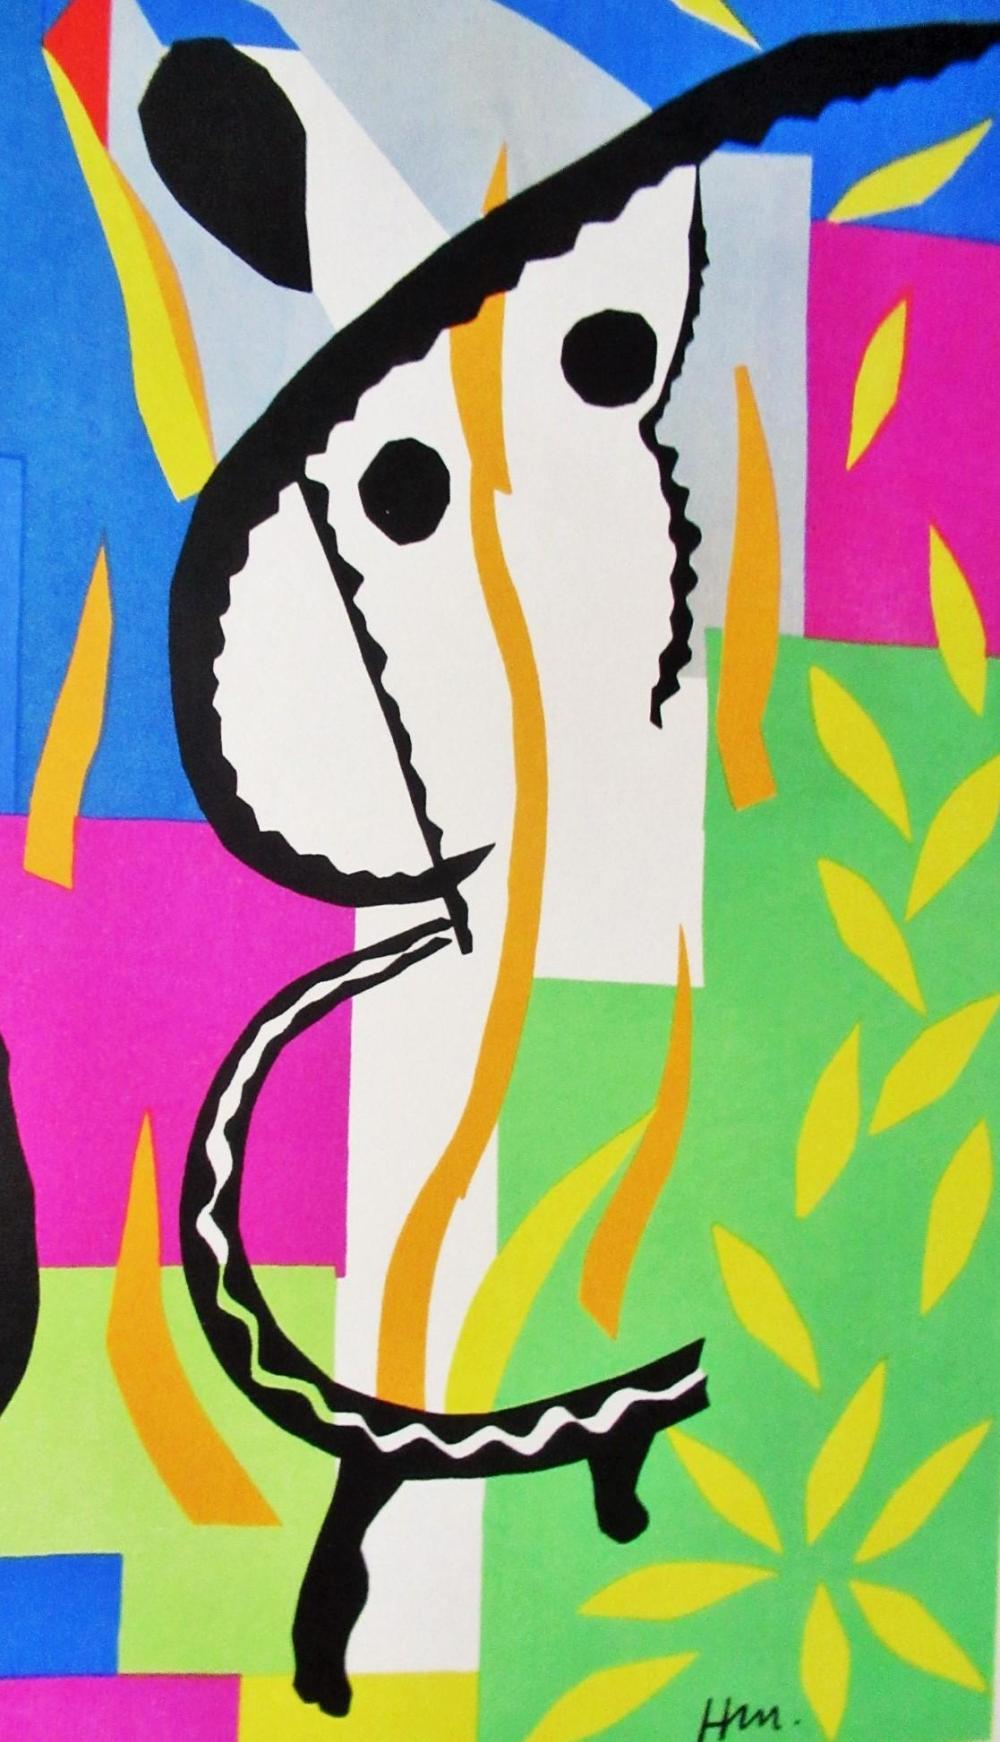 Henri Matisse - Centre Pompidou